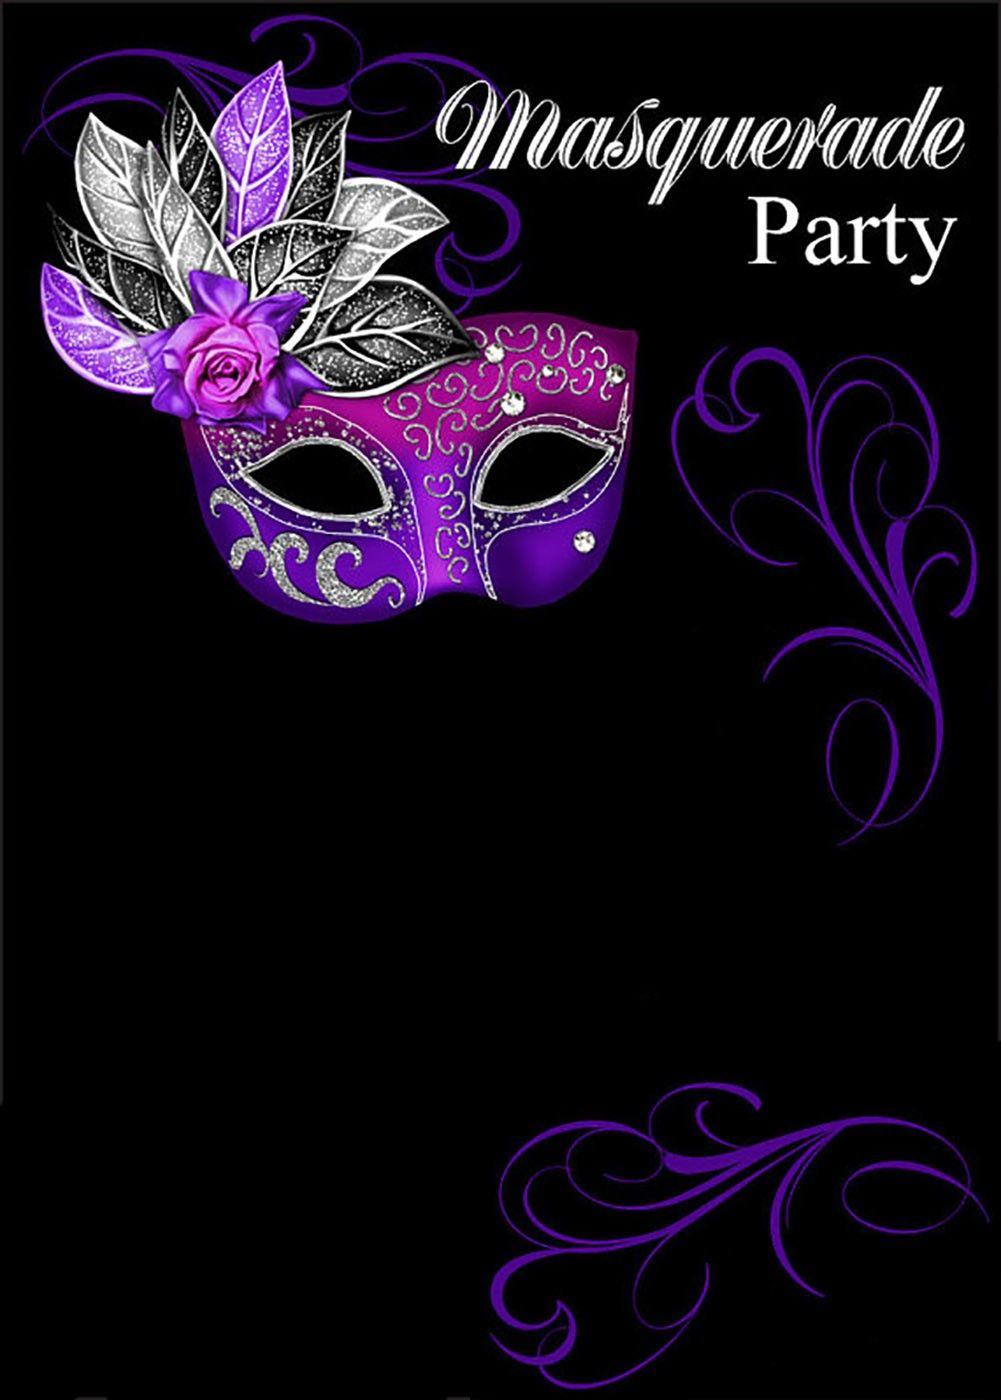 Free Online Masquerade Invitation | Invitations Online - Free Printable Masquerade Masks